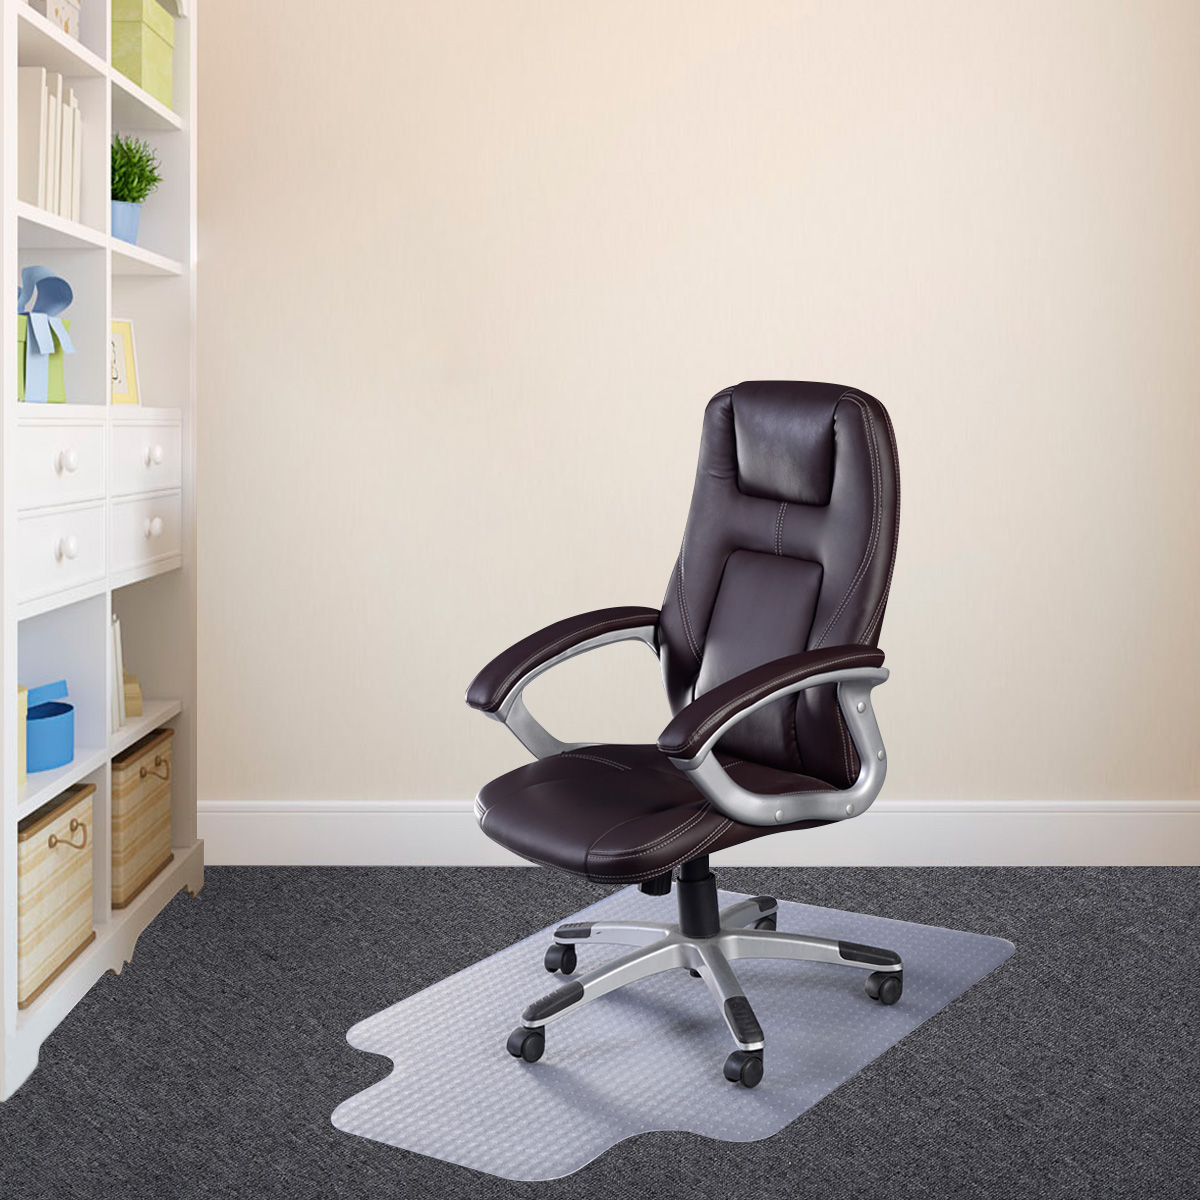 desk chair mat for carpet land of nod high standard pile office with lip mats supplies